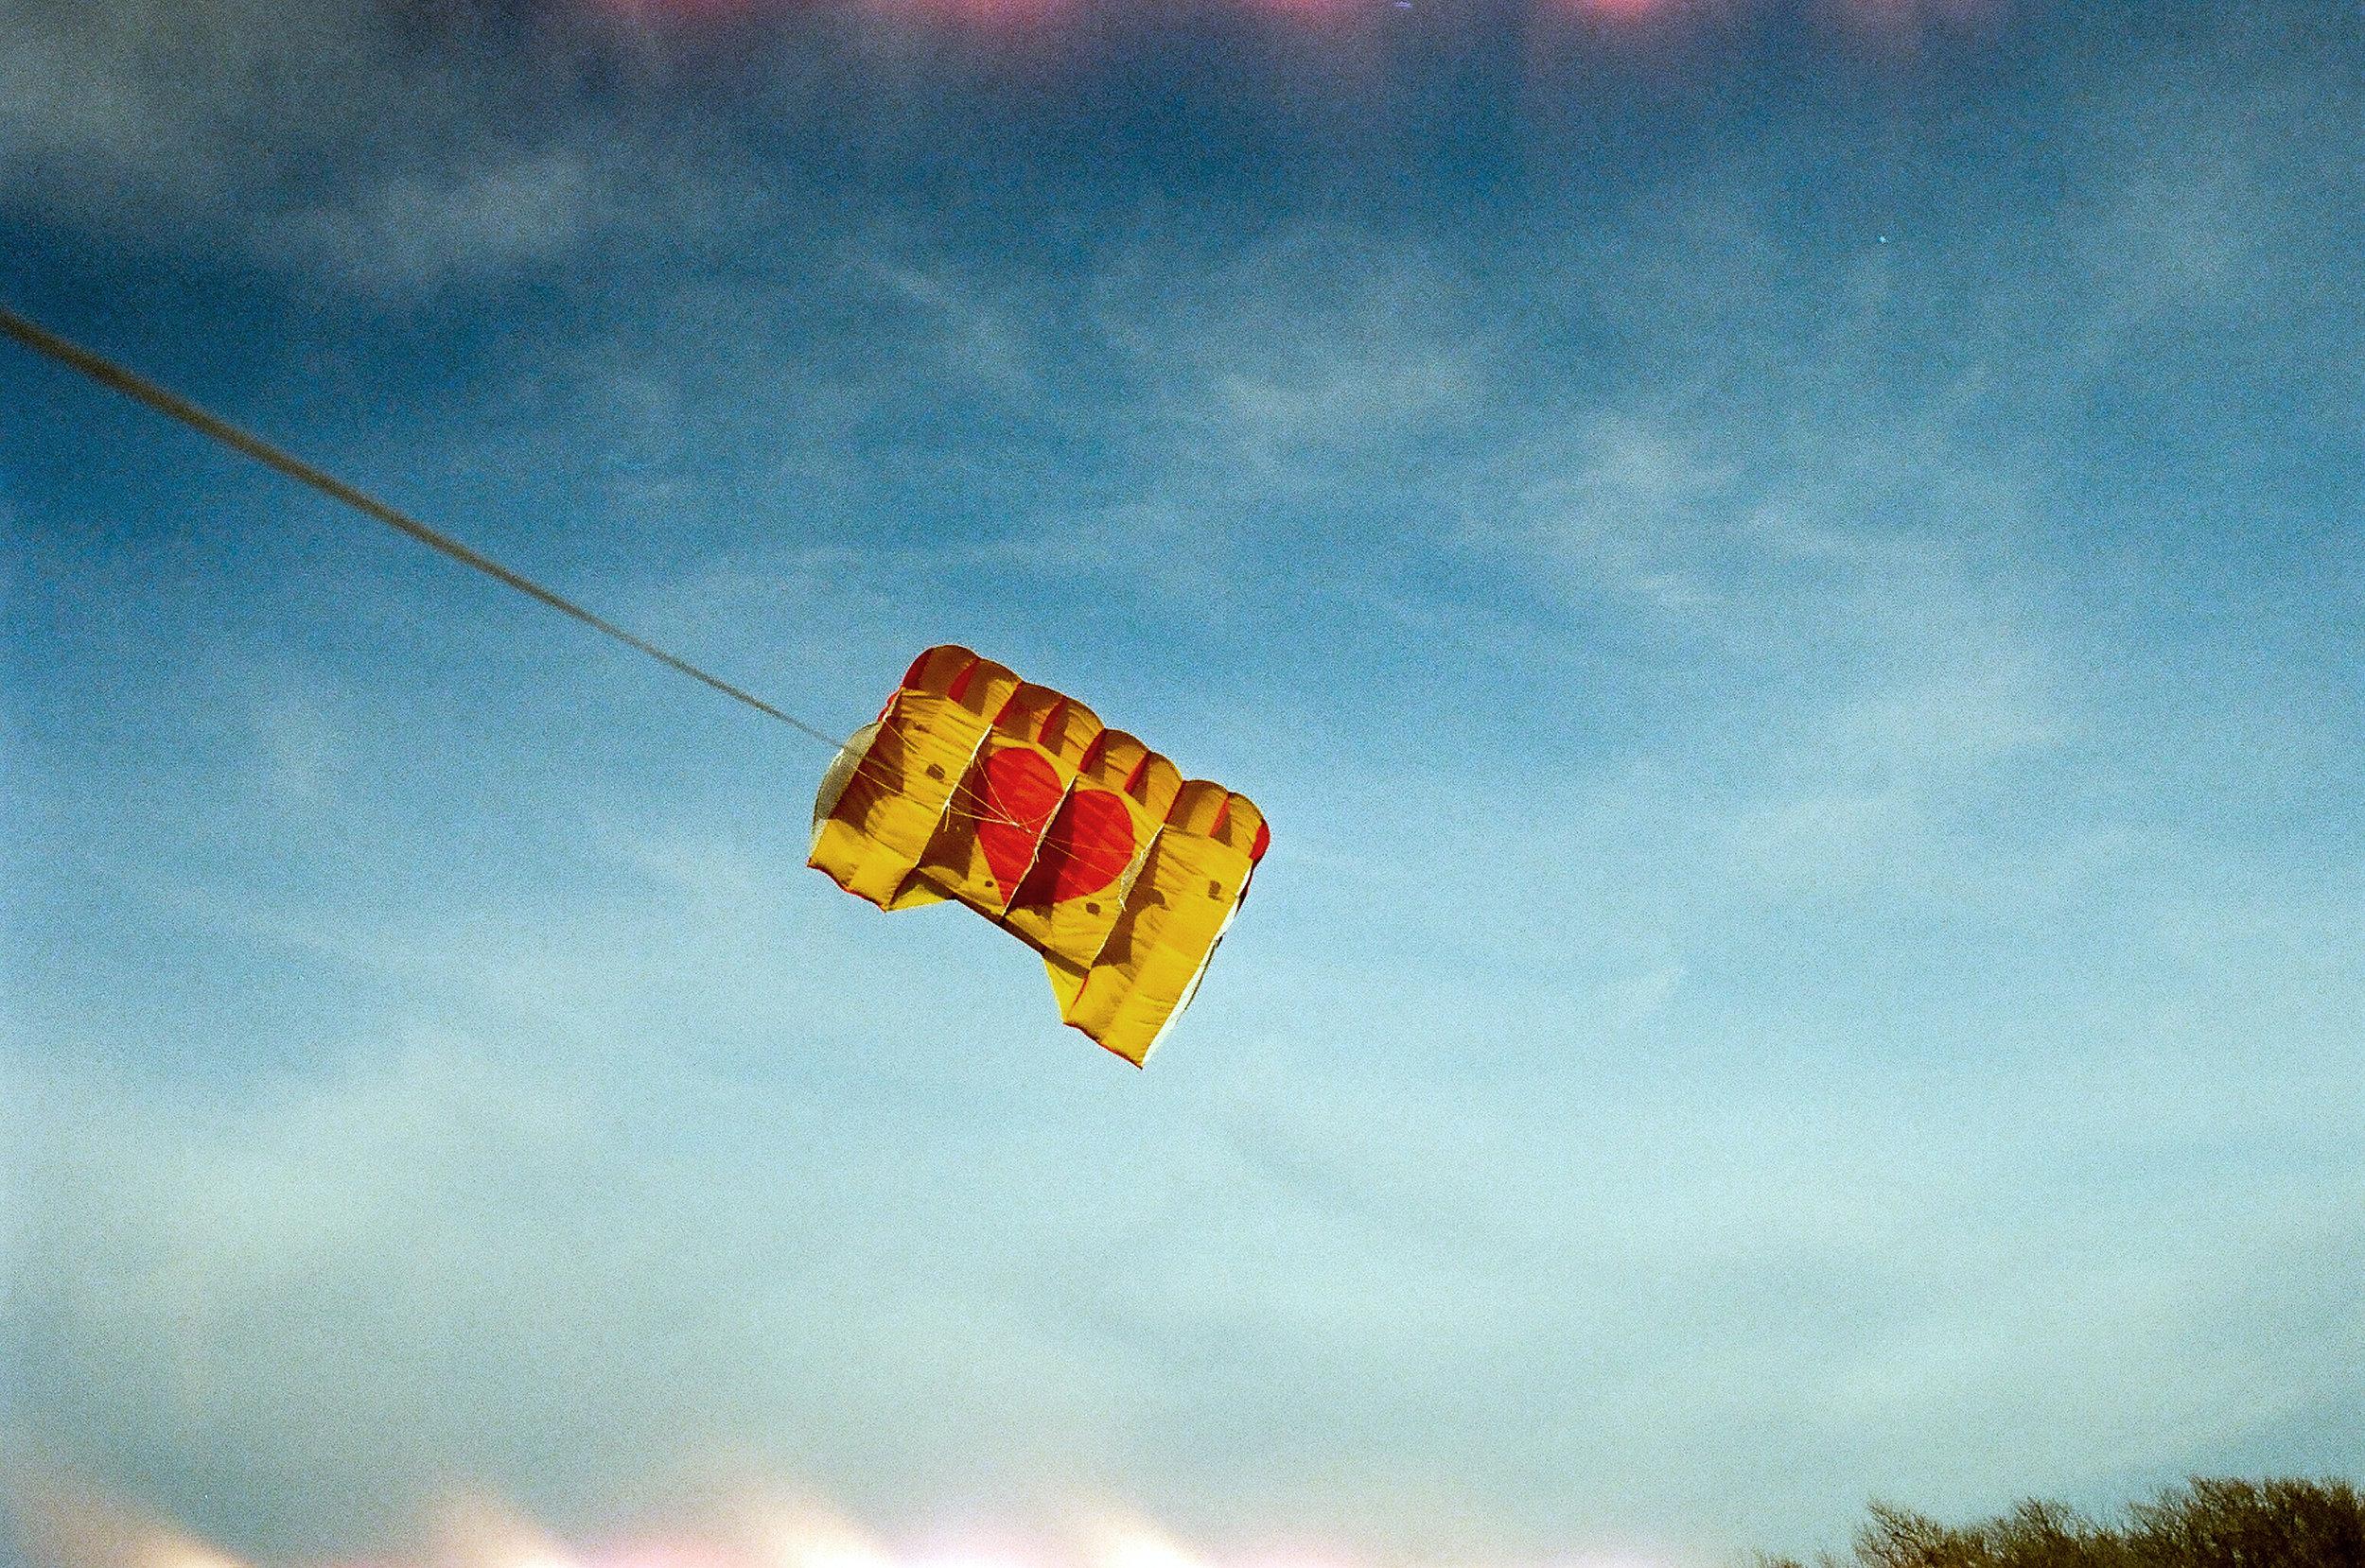 Kite-10.jpg